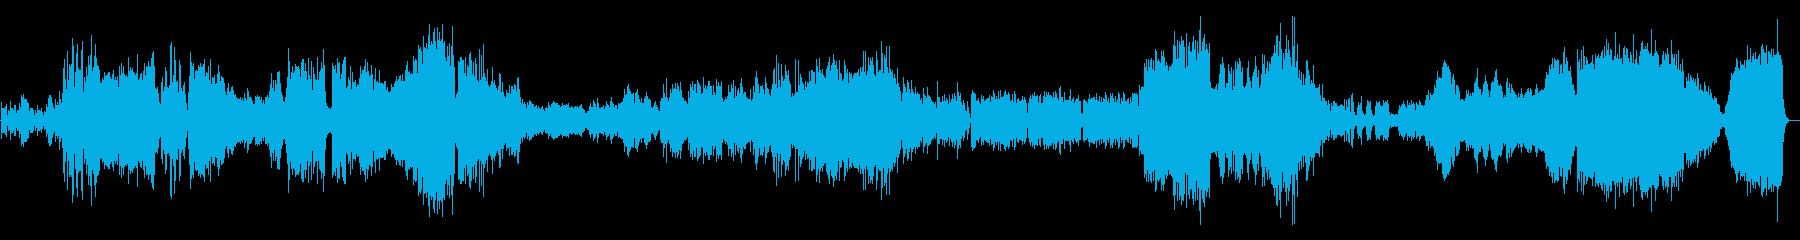 ラフマニノフピアノ協奏曲2番3楽章の再生済みの波形